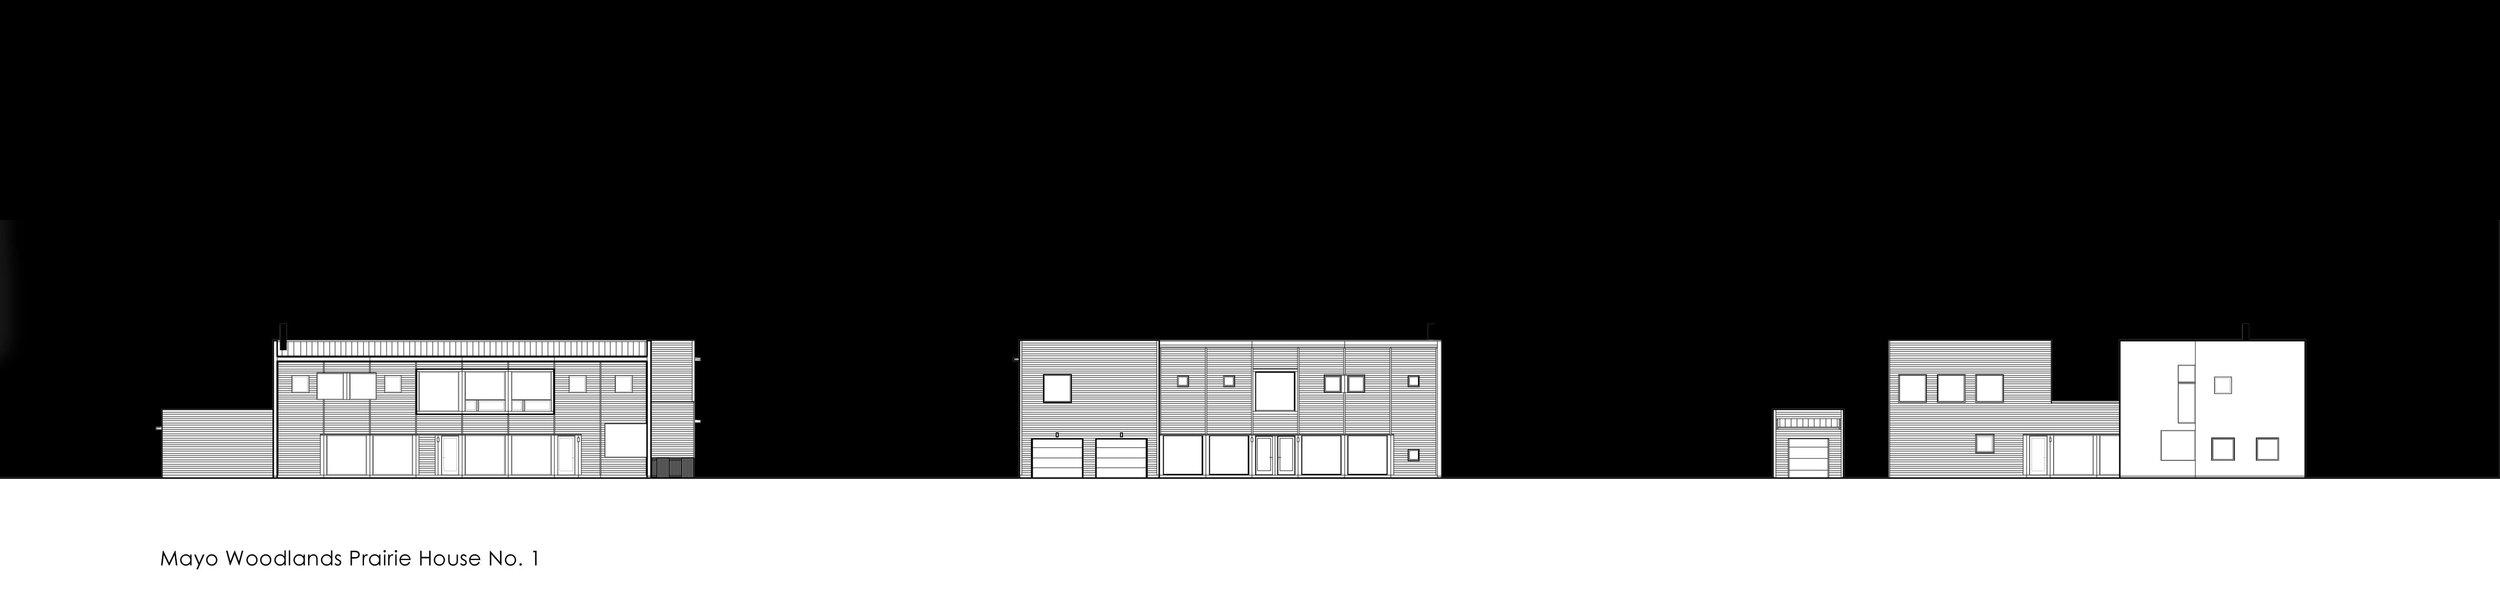 ALTUS-prairie-house-1-elevations.jpg